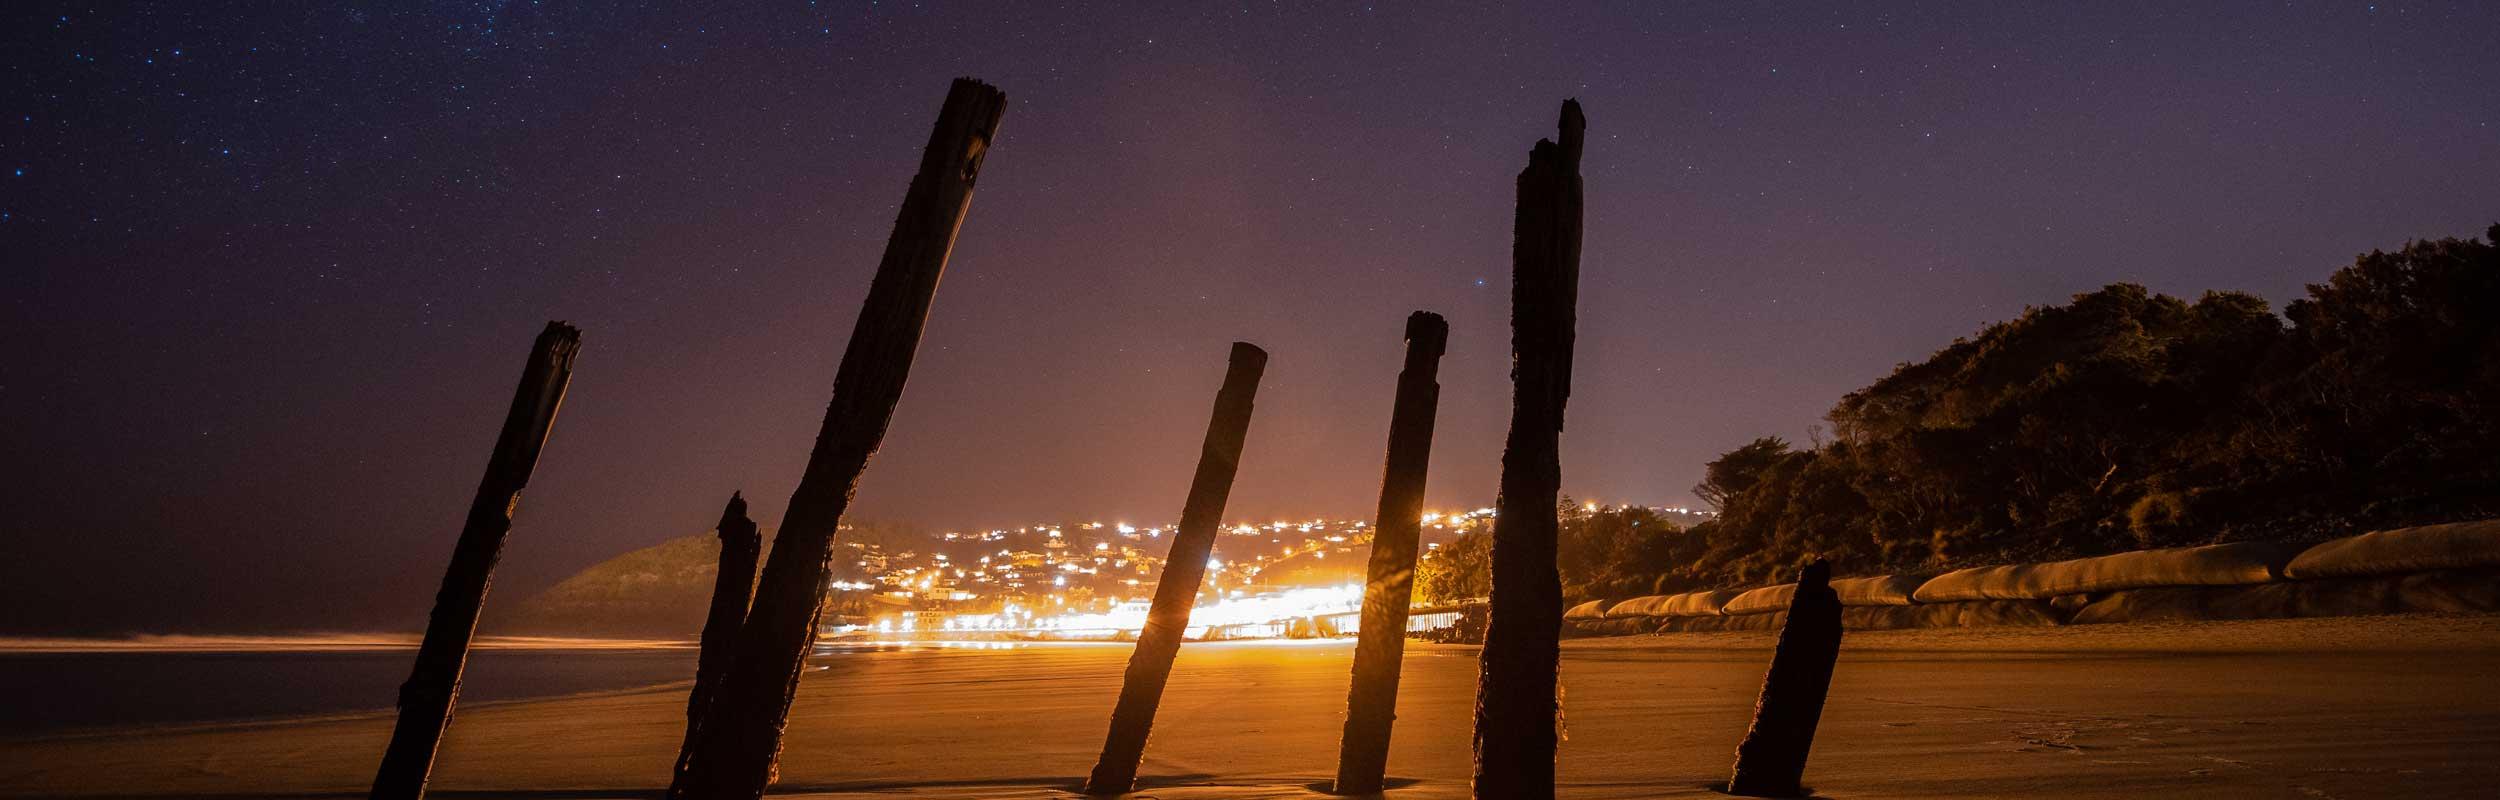 St Clair poles at night